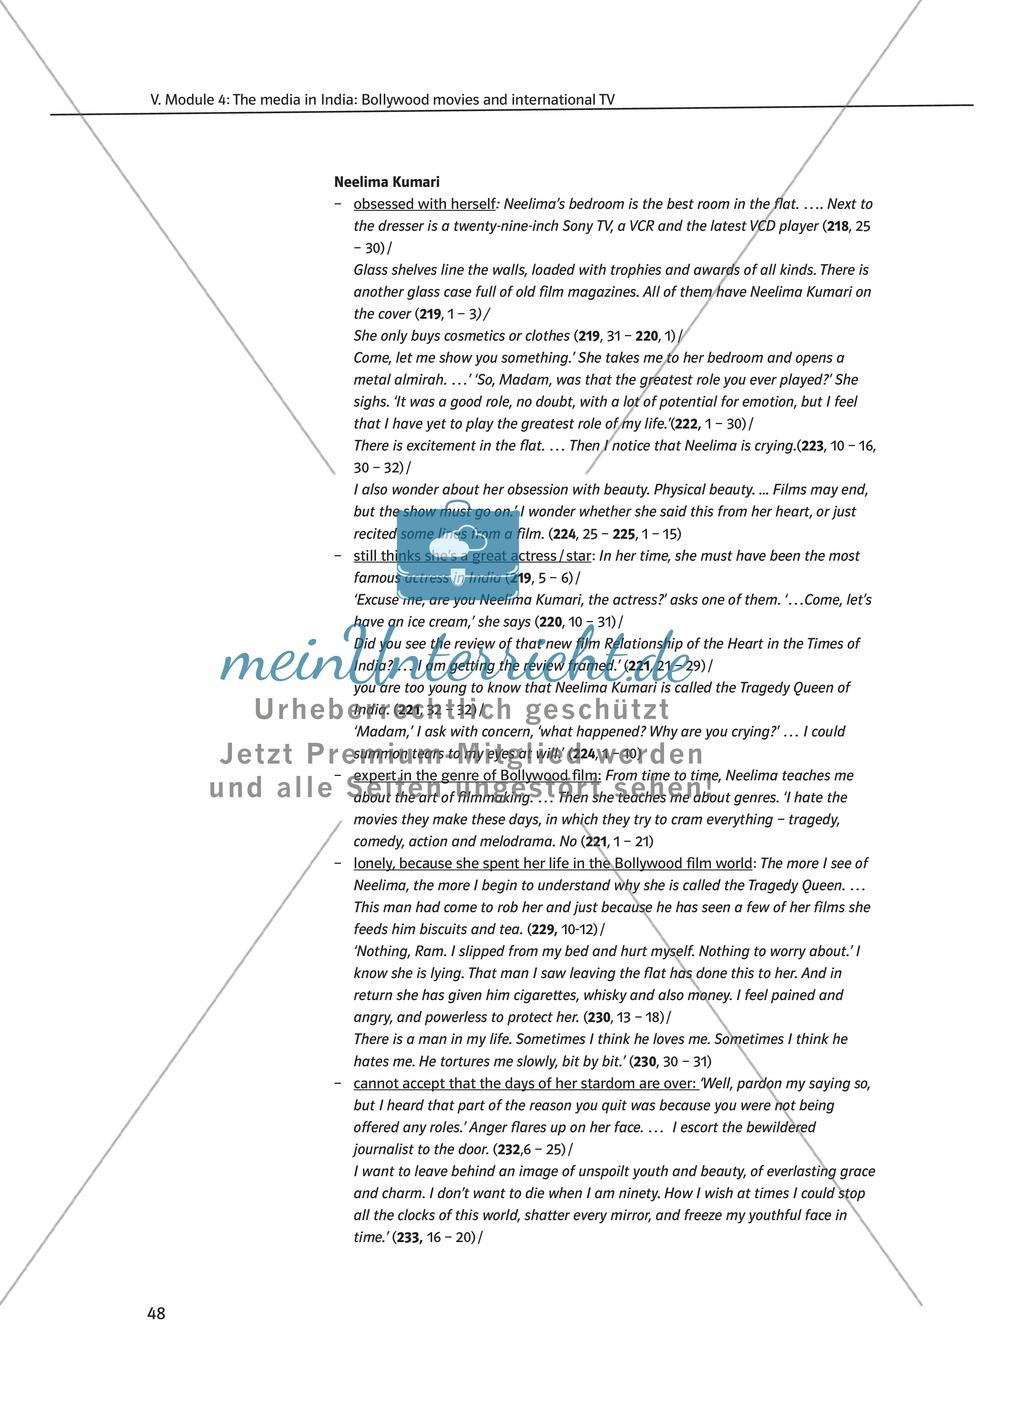 The media in India: Bollywood movies and international TV: Sachanalyse + Lernziele + Unterrichtseinheiten + Kopiervorlagen Preview 7